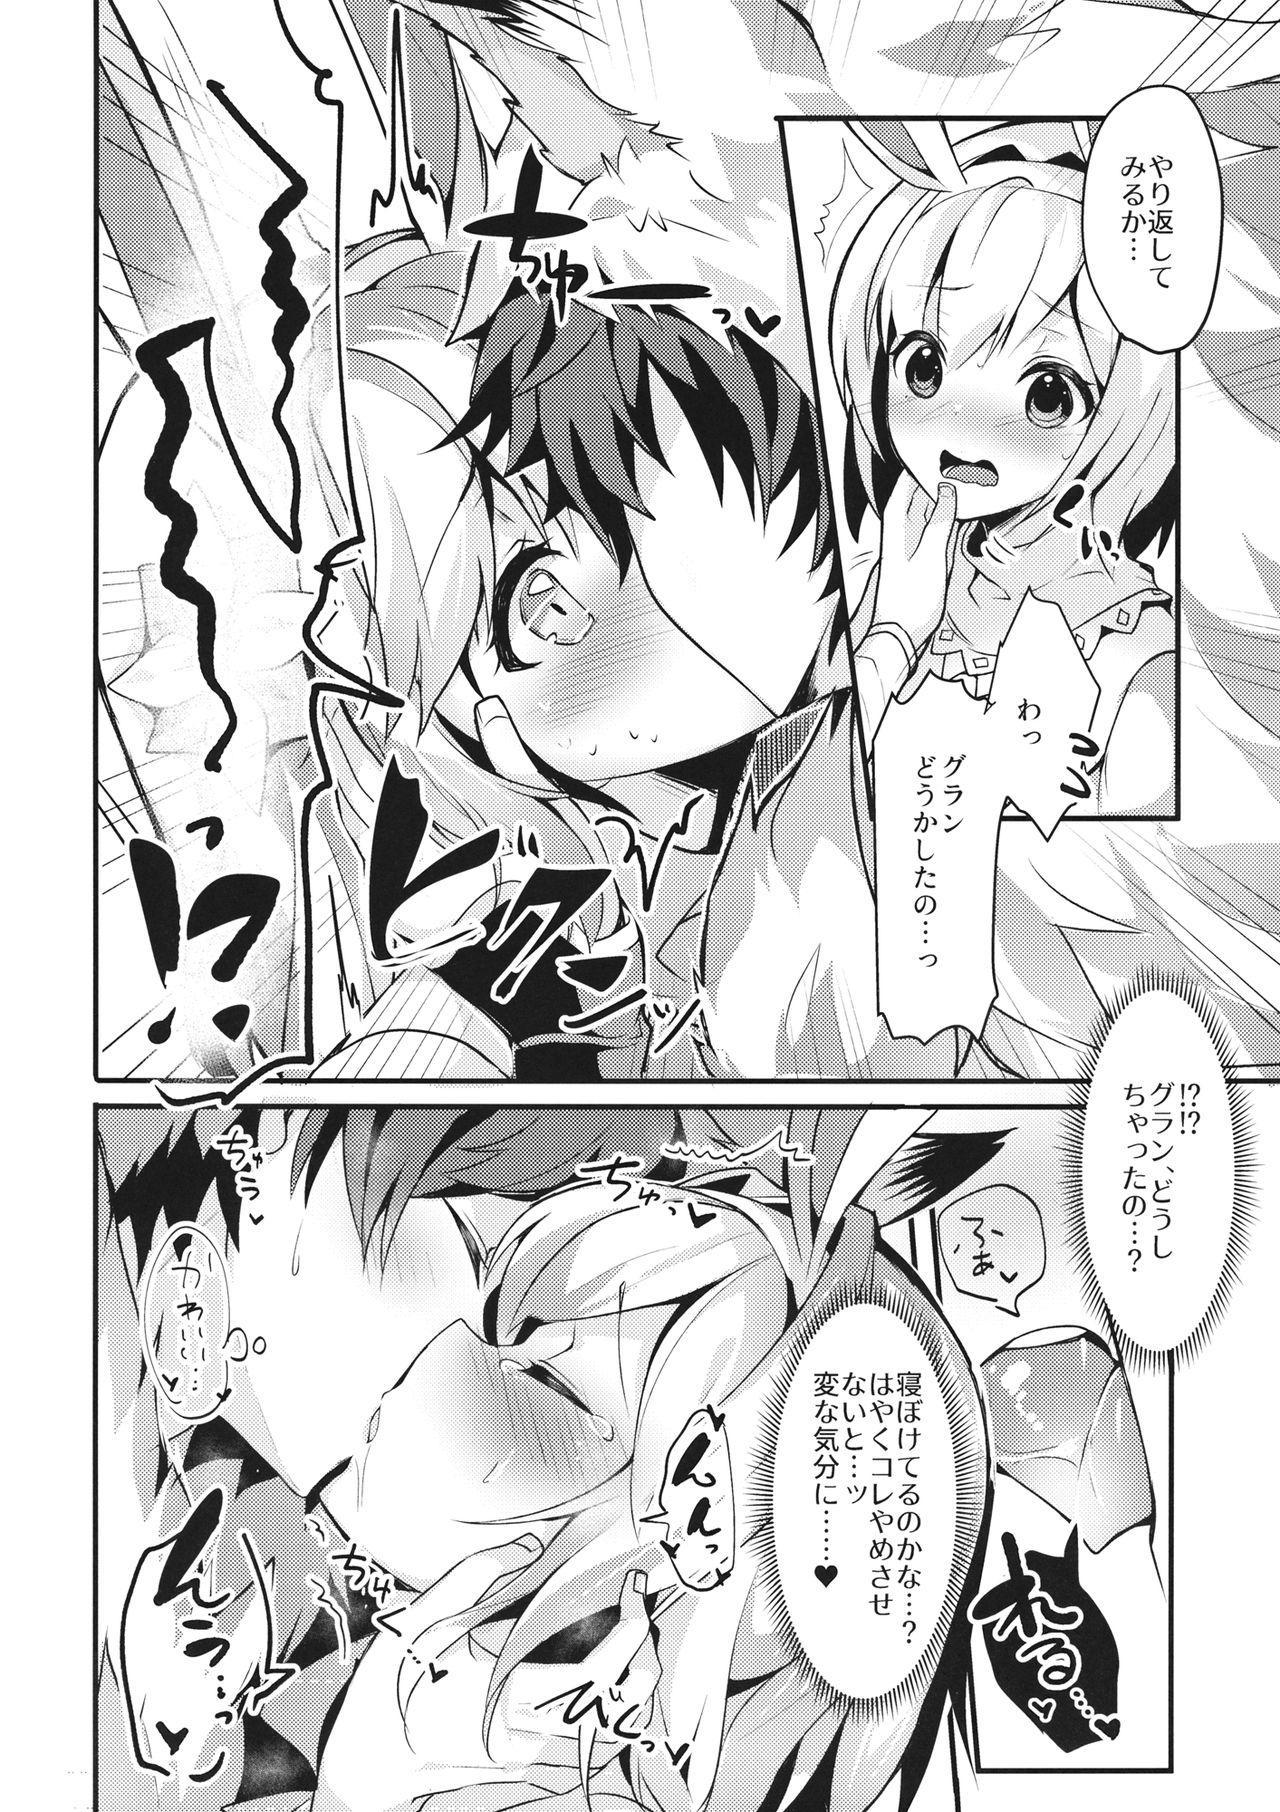 (C93) [homadelic. (Homaderi)] Fukudanchou no Usagi Djeeta-chan ga Danchou no Ookami Gran-kun ni Taberarechau Hon (Granblue Fantasy) 7